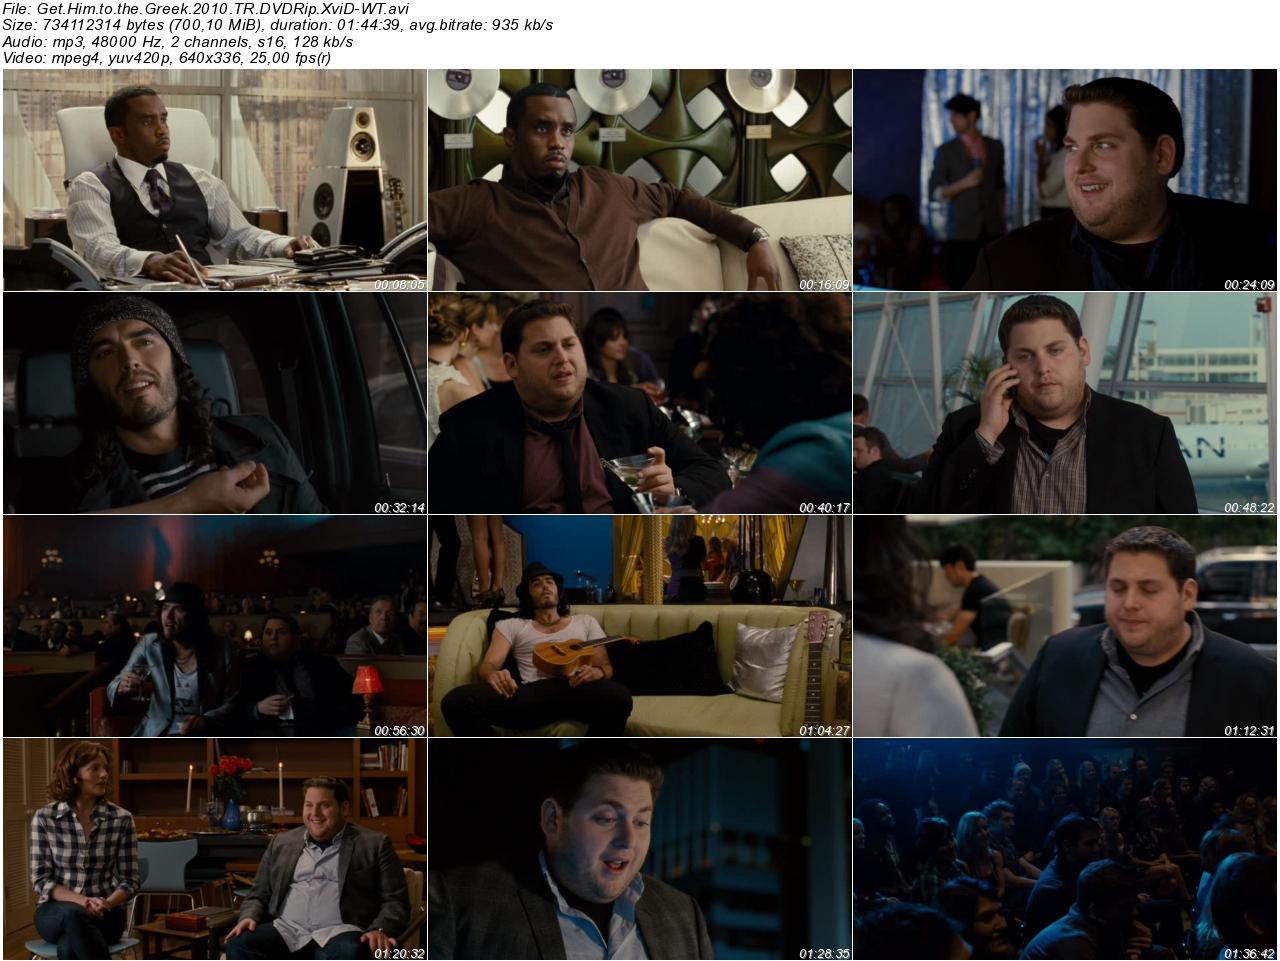 Zorlu Görev - 2010 480p DVDRip x264 - Türkçe Dublaj Tek Link indir